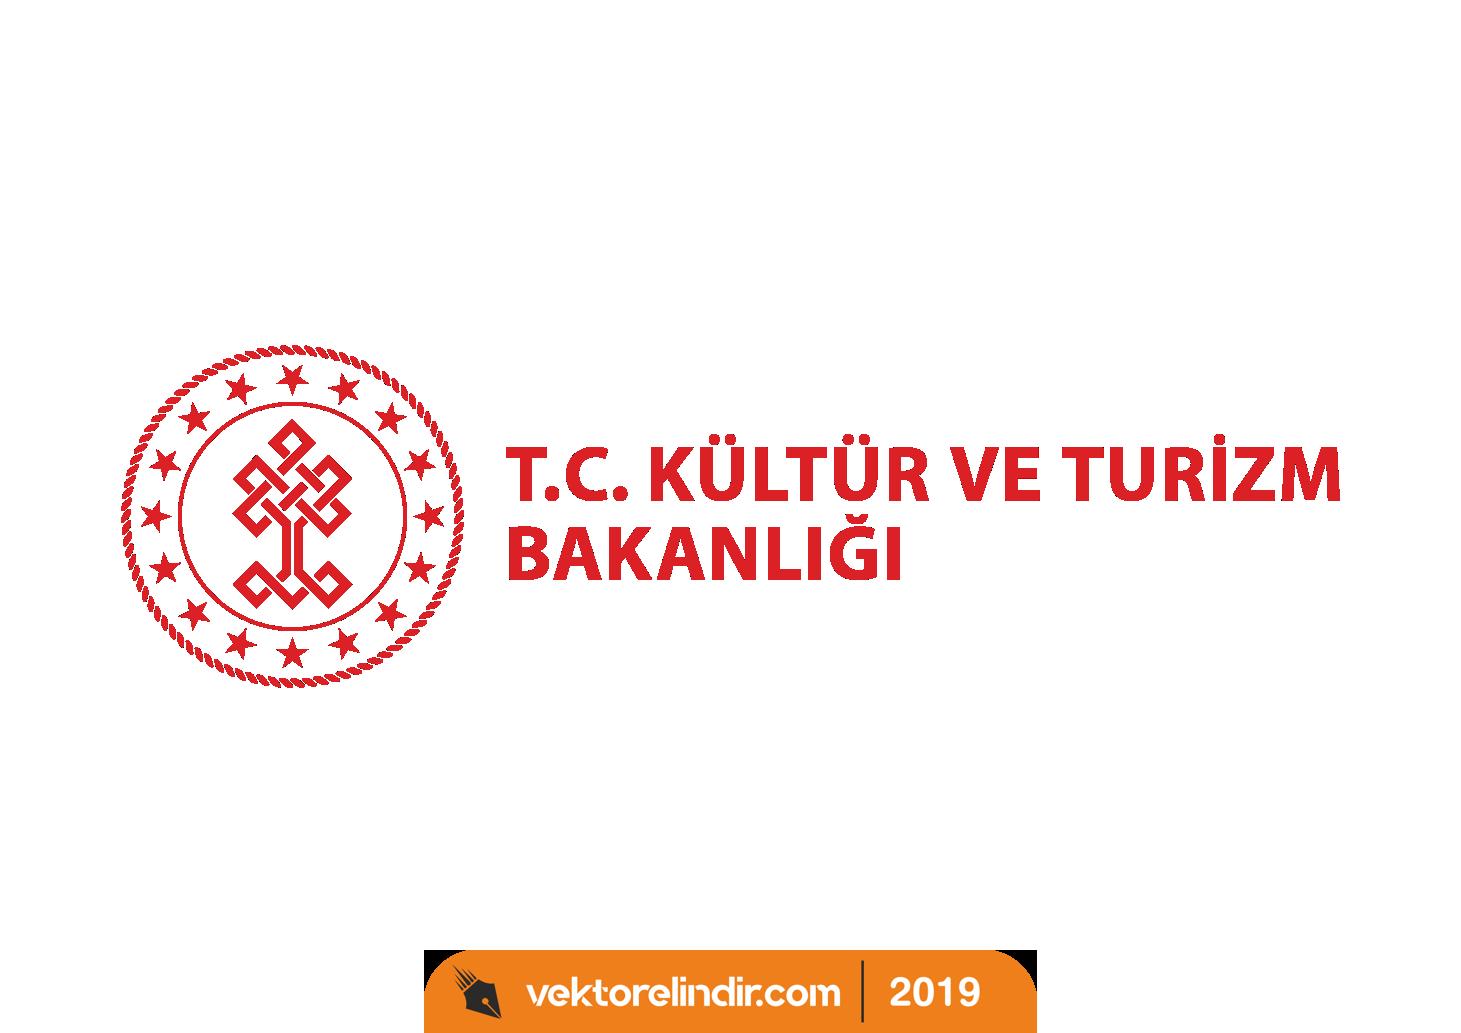 Tc Kültür ve Turizm Bakanlığı_Yeni_Png_Logo_2